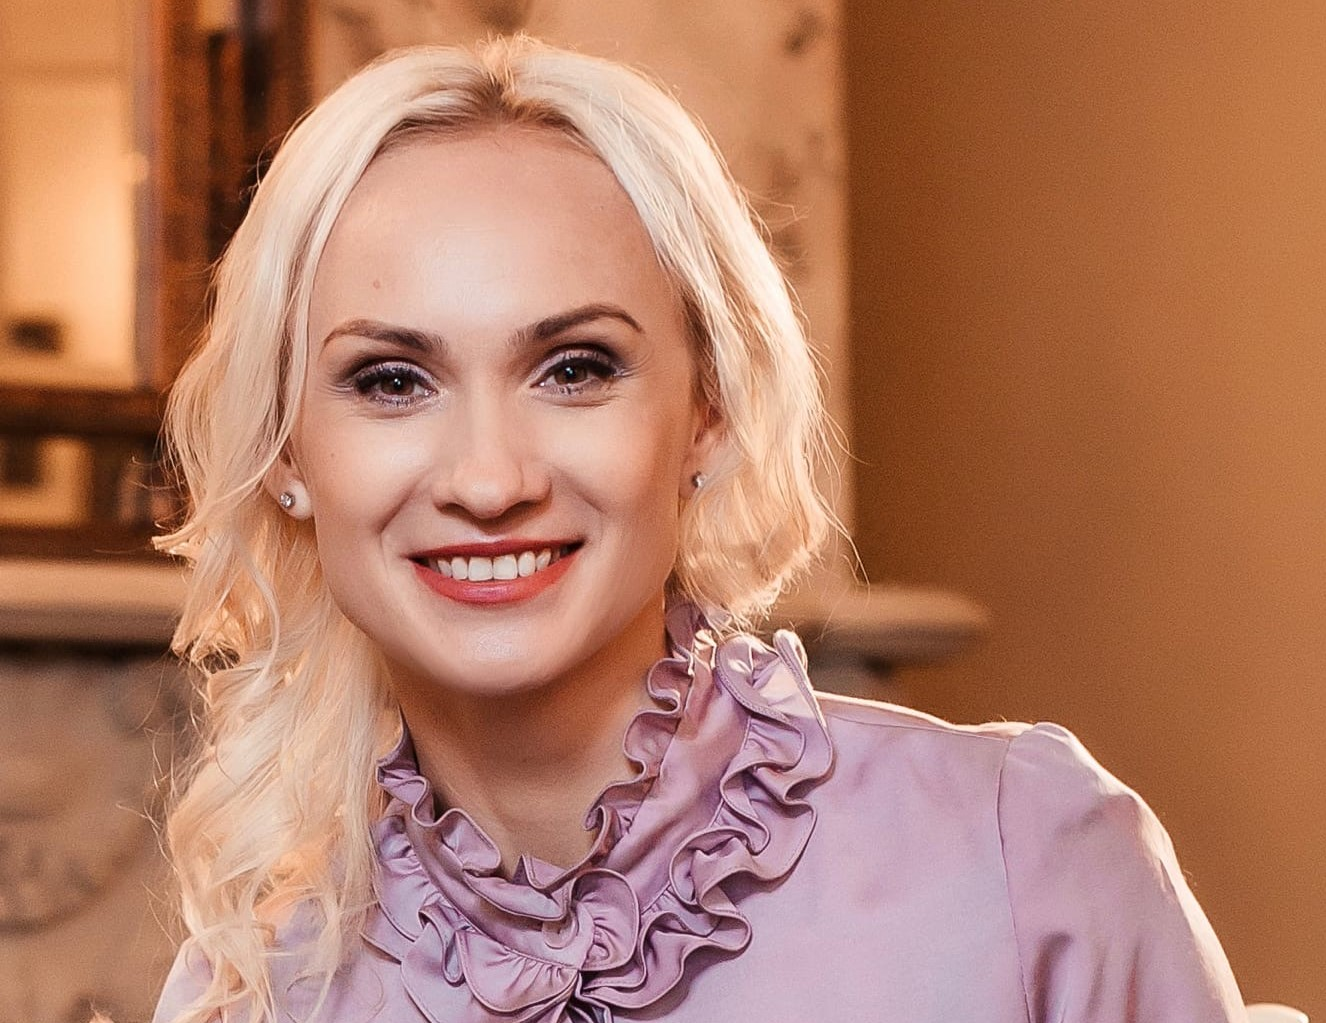 Светлана Дутта: В Твери открывается много научно-популярных образовательных площадок